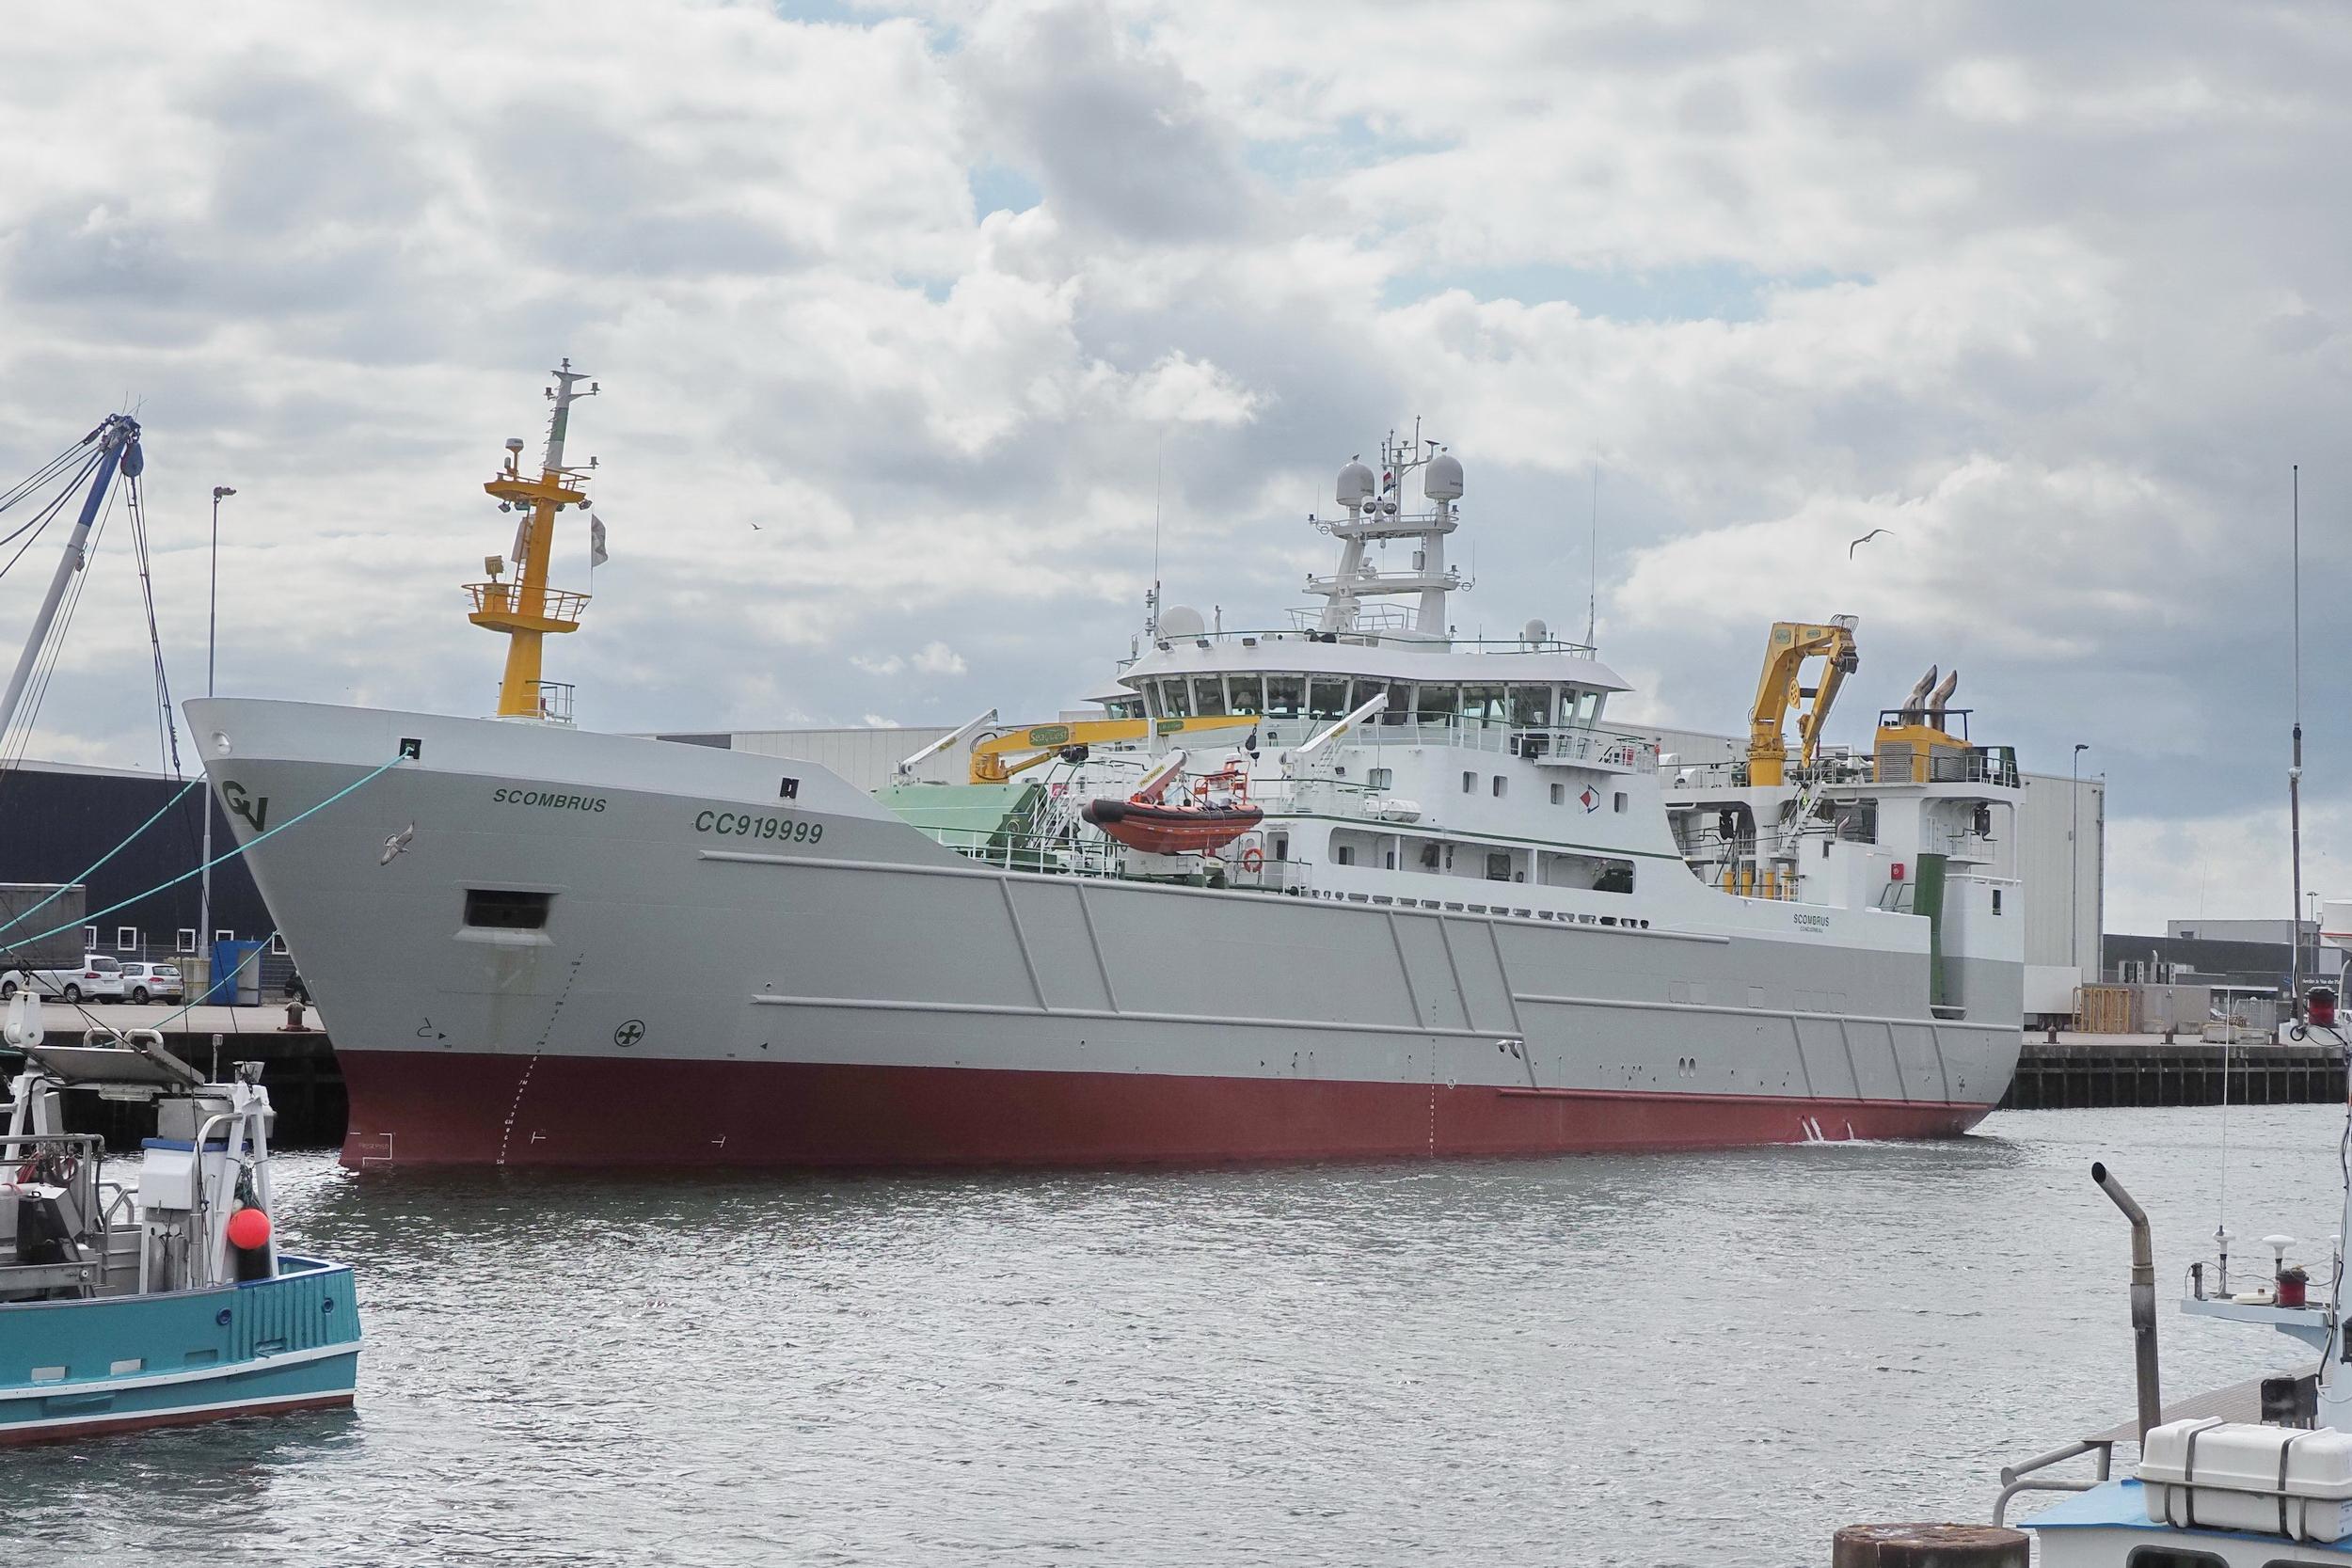 De nieuwste hektrawler Scombrus van rederij Vrolijk is energiezuiniger en levert een betere kwaliteit vis dan haar naamgenoot. 'Dat was het uitgangspunt bij het ontwerp'